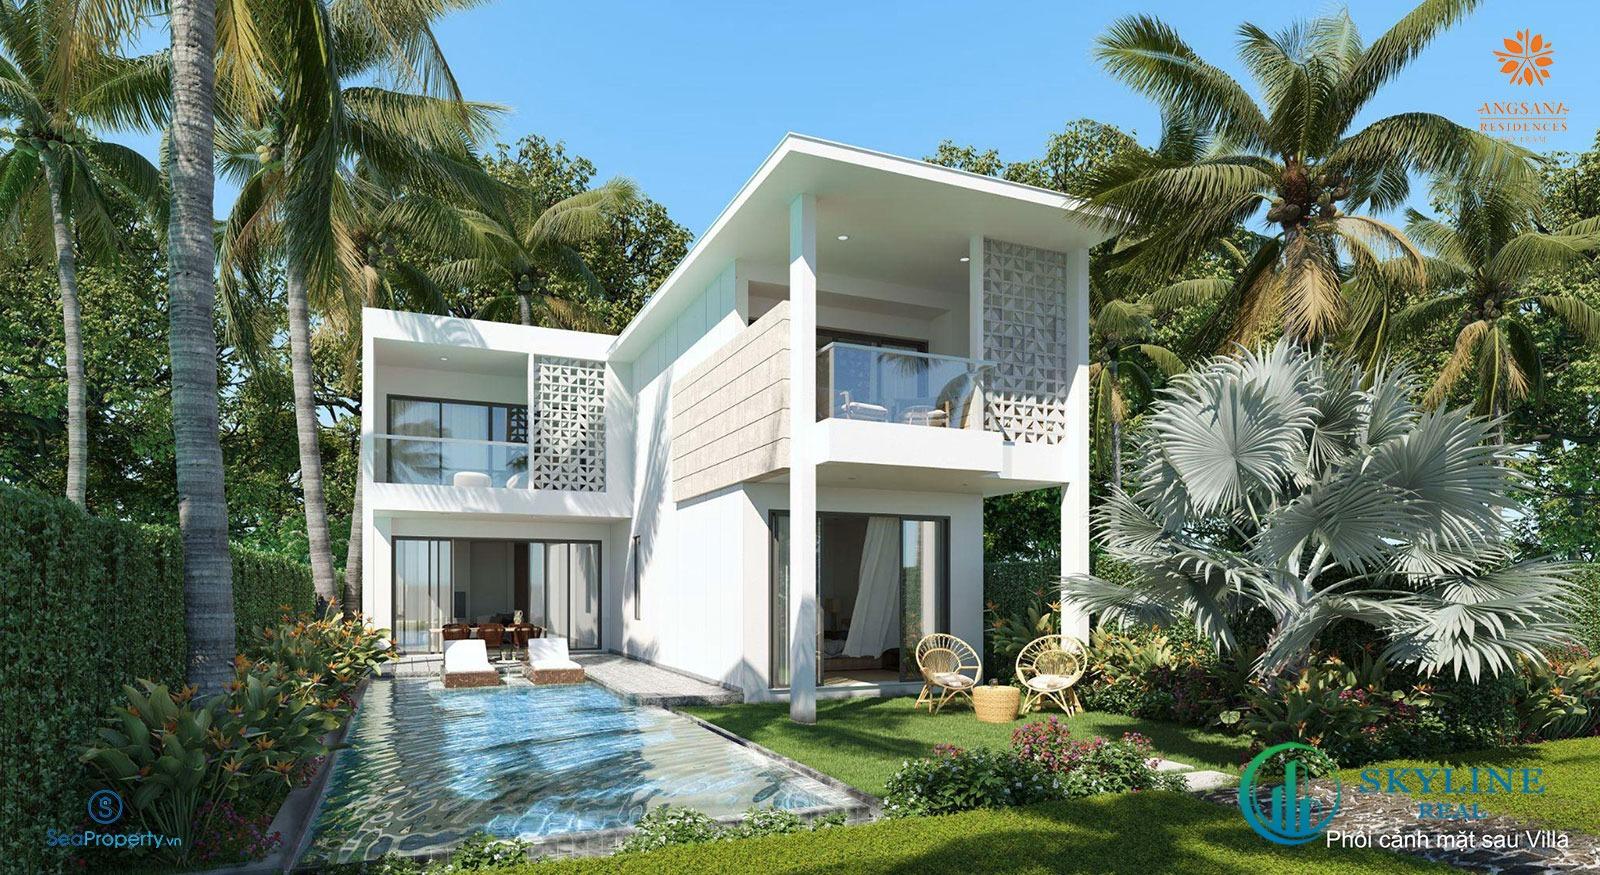 Biệt thự mẫu dự án nghỉ dưỡng Angsana Residences Hồ Tràm